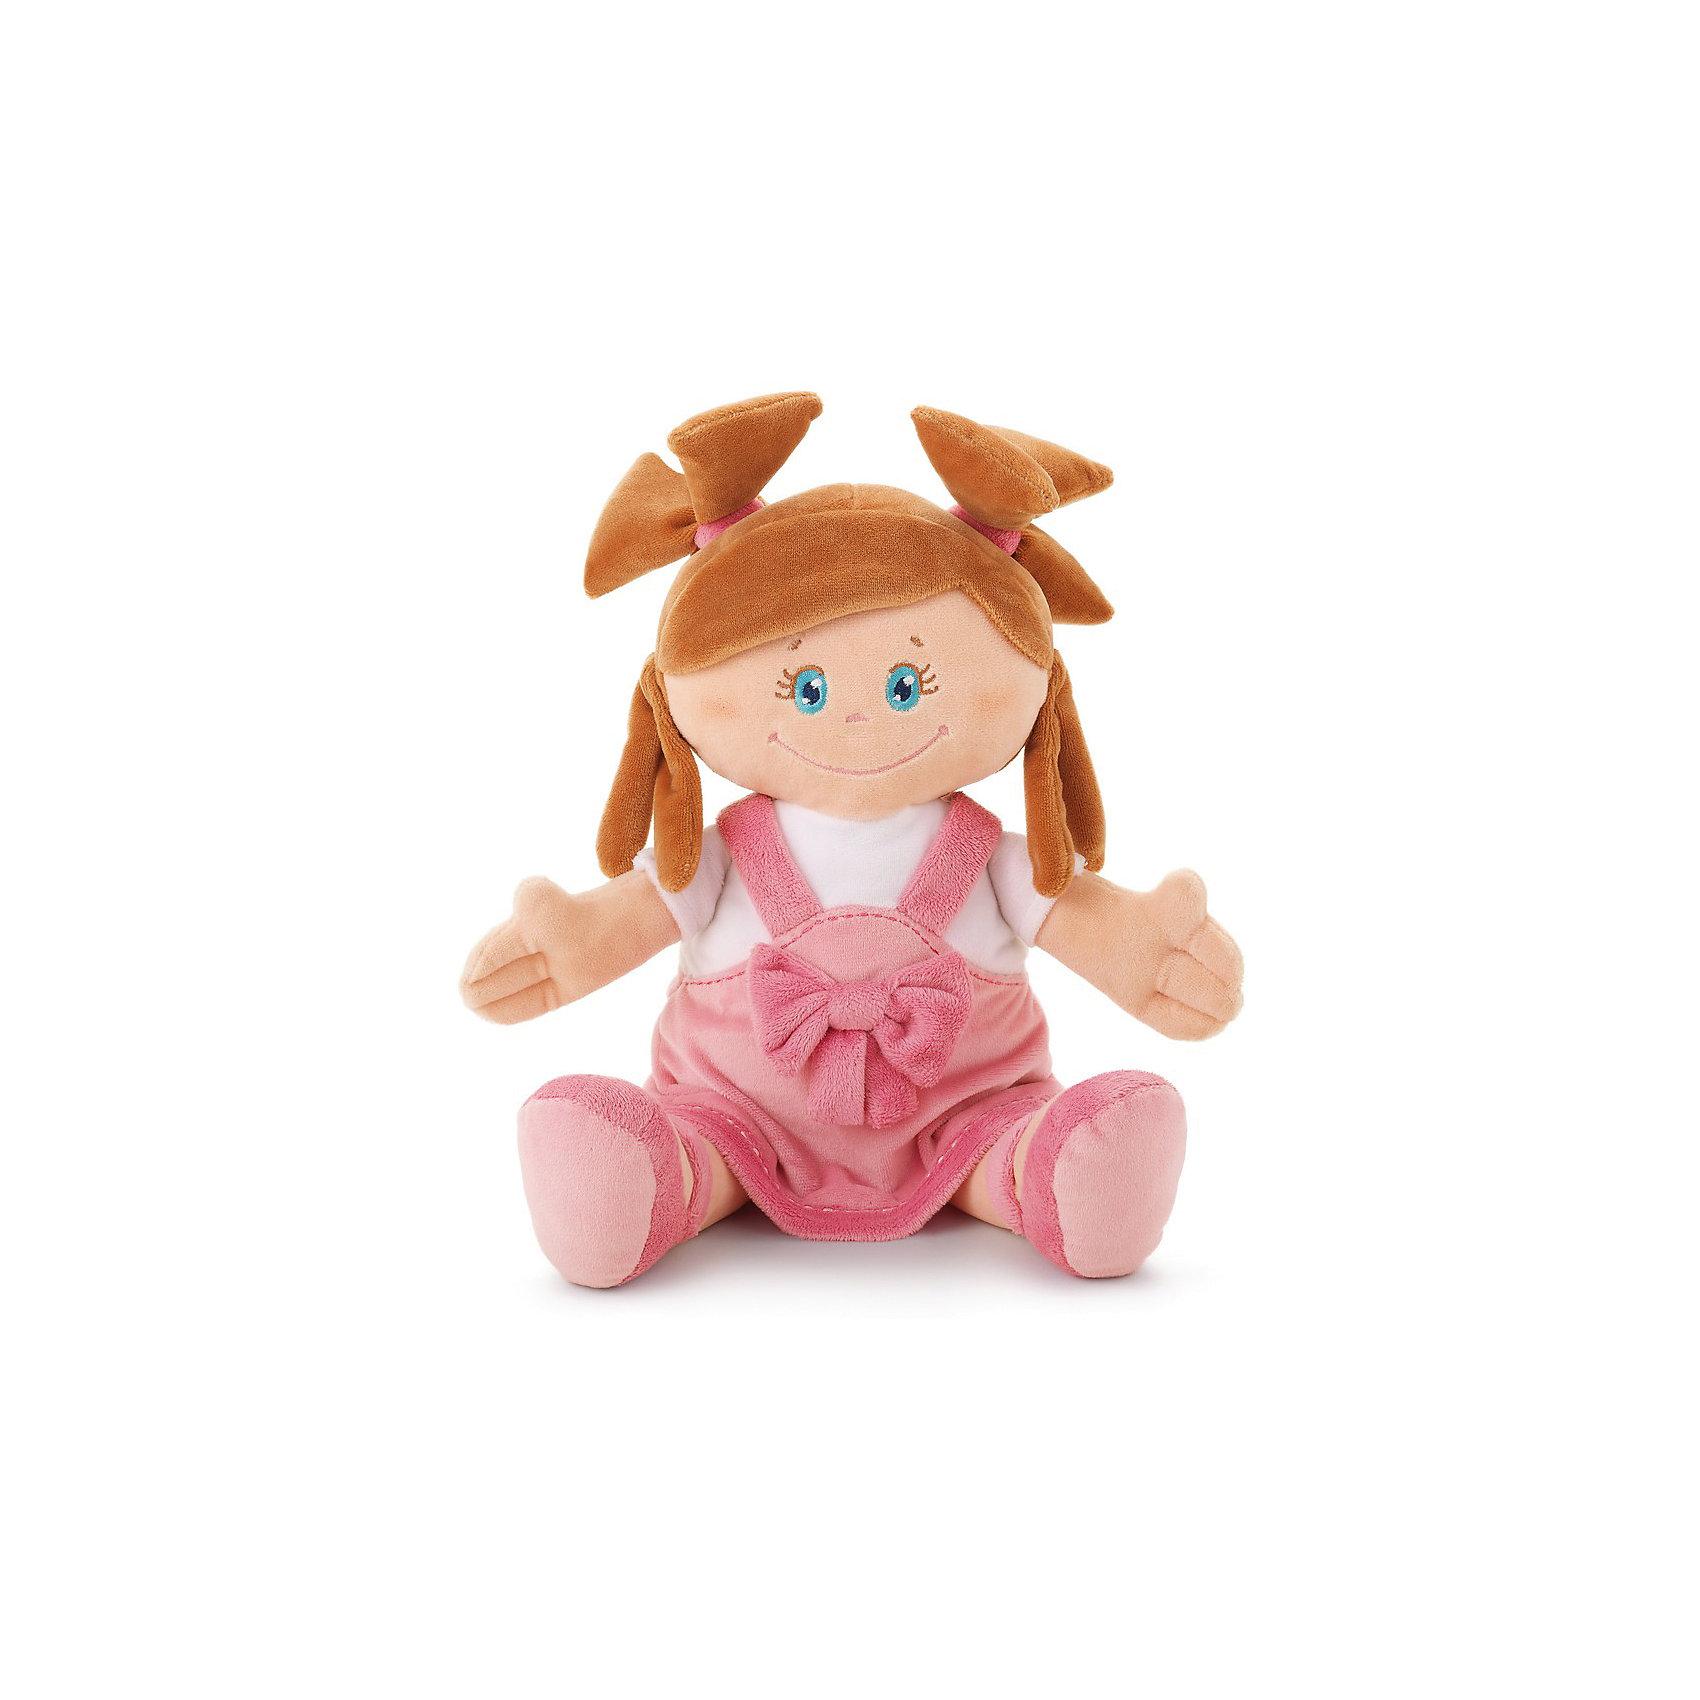 Мягкая кукла в платье с бантом, 40 см, TrudiМягкие куклы<br>Милая мягкая куколка станет отличным подарком любой девочке. Добрые глаза, озорные косички и розовое платье с бантиком никого не оставят равнодушным! С такой куклой будет очень весело играть днем и спокойно и уютно засыпать ночью. Игрушка очень приятная на ощупь, выполнена из мягкого плюша, набита гипоаллергенным нетоксичным наполнителем - абсолютно безопасна для детей. <br><br>Дополнительная информация:<br><br>- Материал: плюш, пластик, текстиль, искусственный мех. <br>- Высота: 40 см. <br>- Допускается машинная стирка при деликатной режиме (30 ?).<br><br>Мягкую куклу в платье с бантом, 40 см, Trudi (Труди), можно купить в нашем магазине.<br><br>Ширина мм: 165<br>Глубина мм: 90<br>Высота мм: 400<br>Вес г: 230<br>Возраст от месяцев: 12<br>Возраст до месяцев: 2147483647<br>Пол: Унисекс<br>Возраст: Детский<br>SKU: 5055253